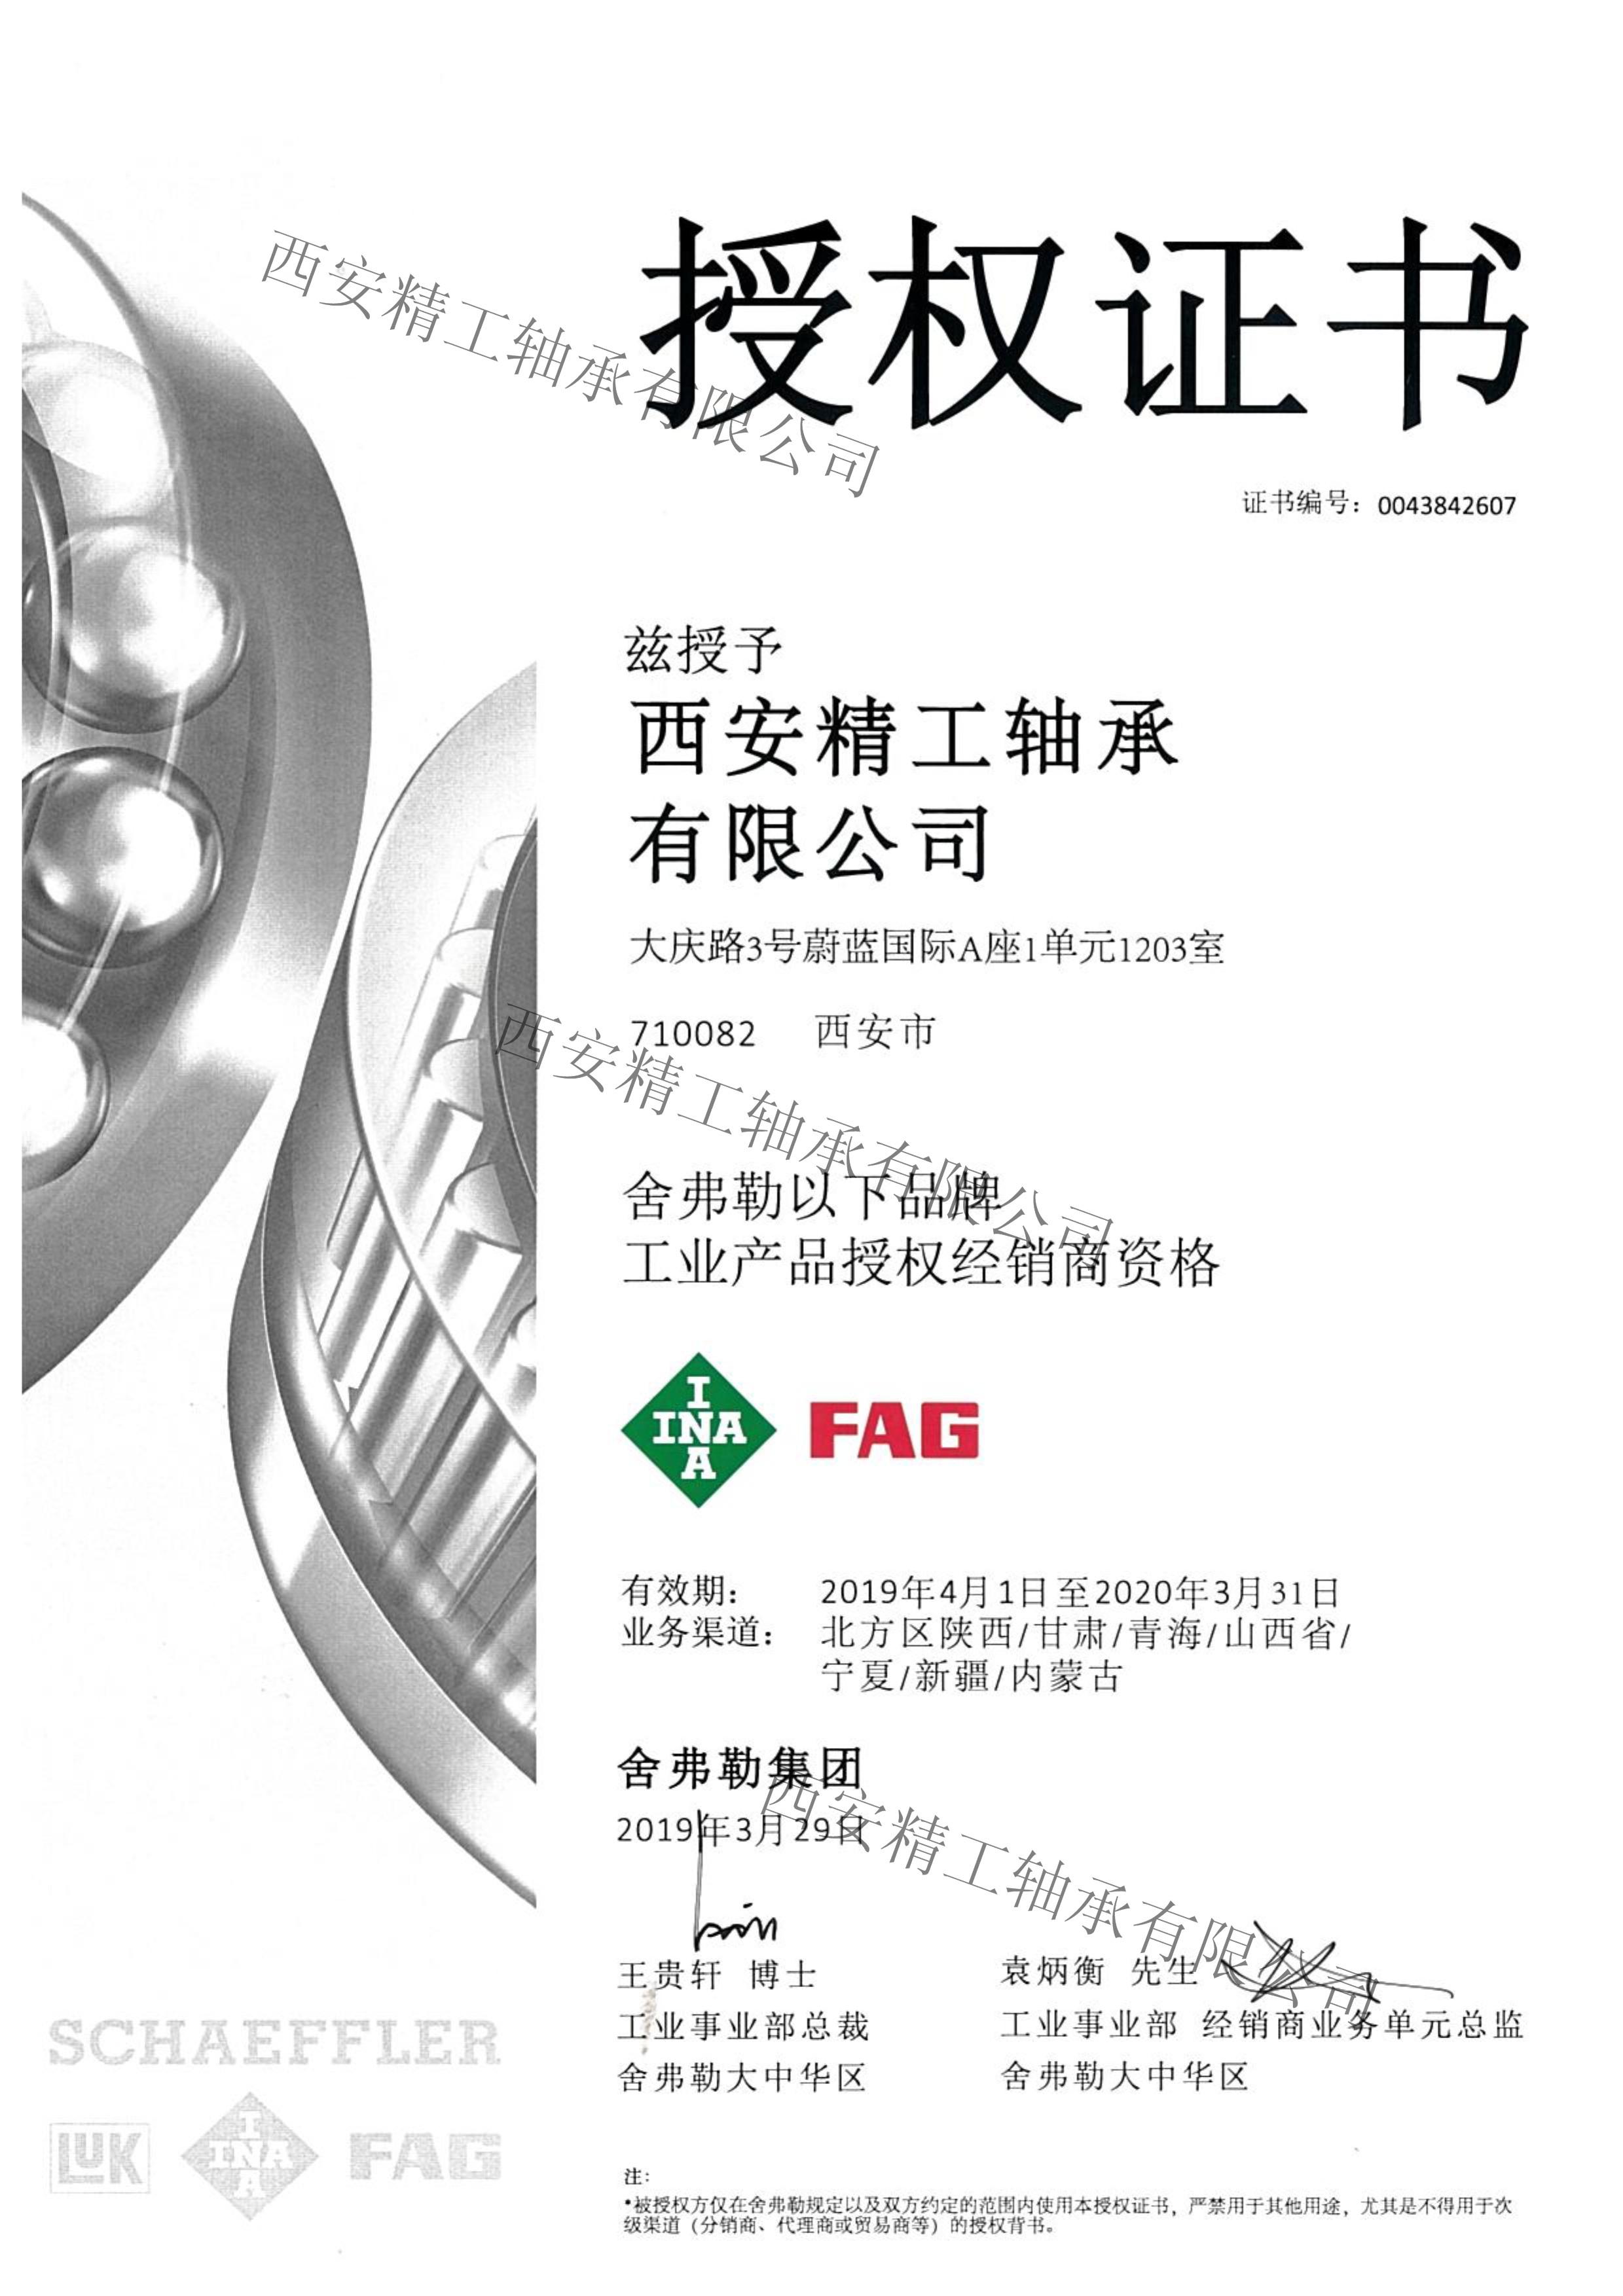 2019年FAG、INA授权书